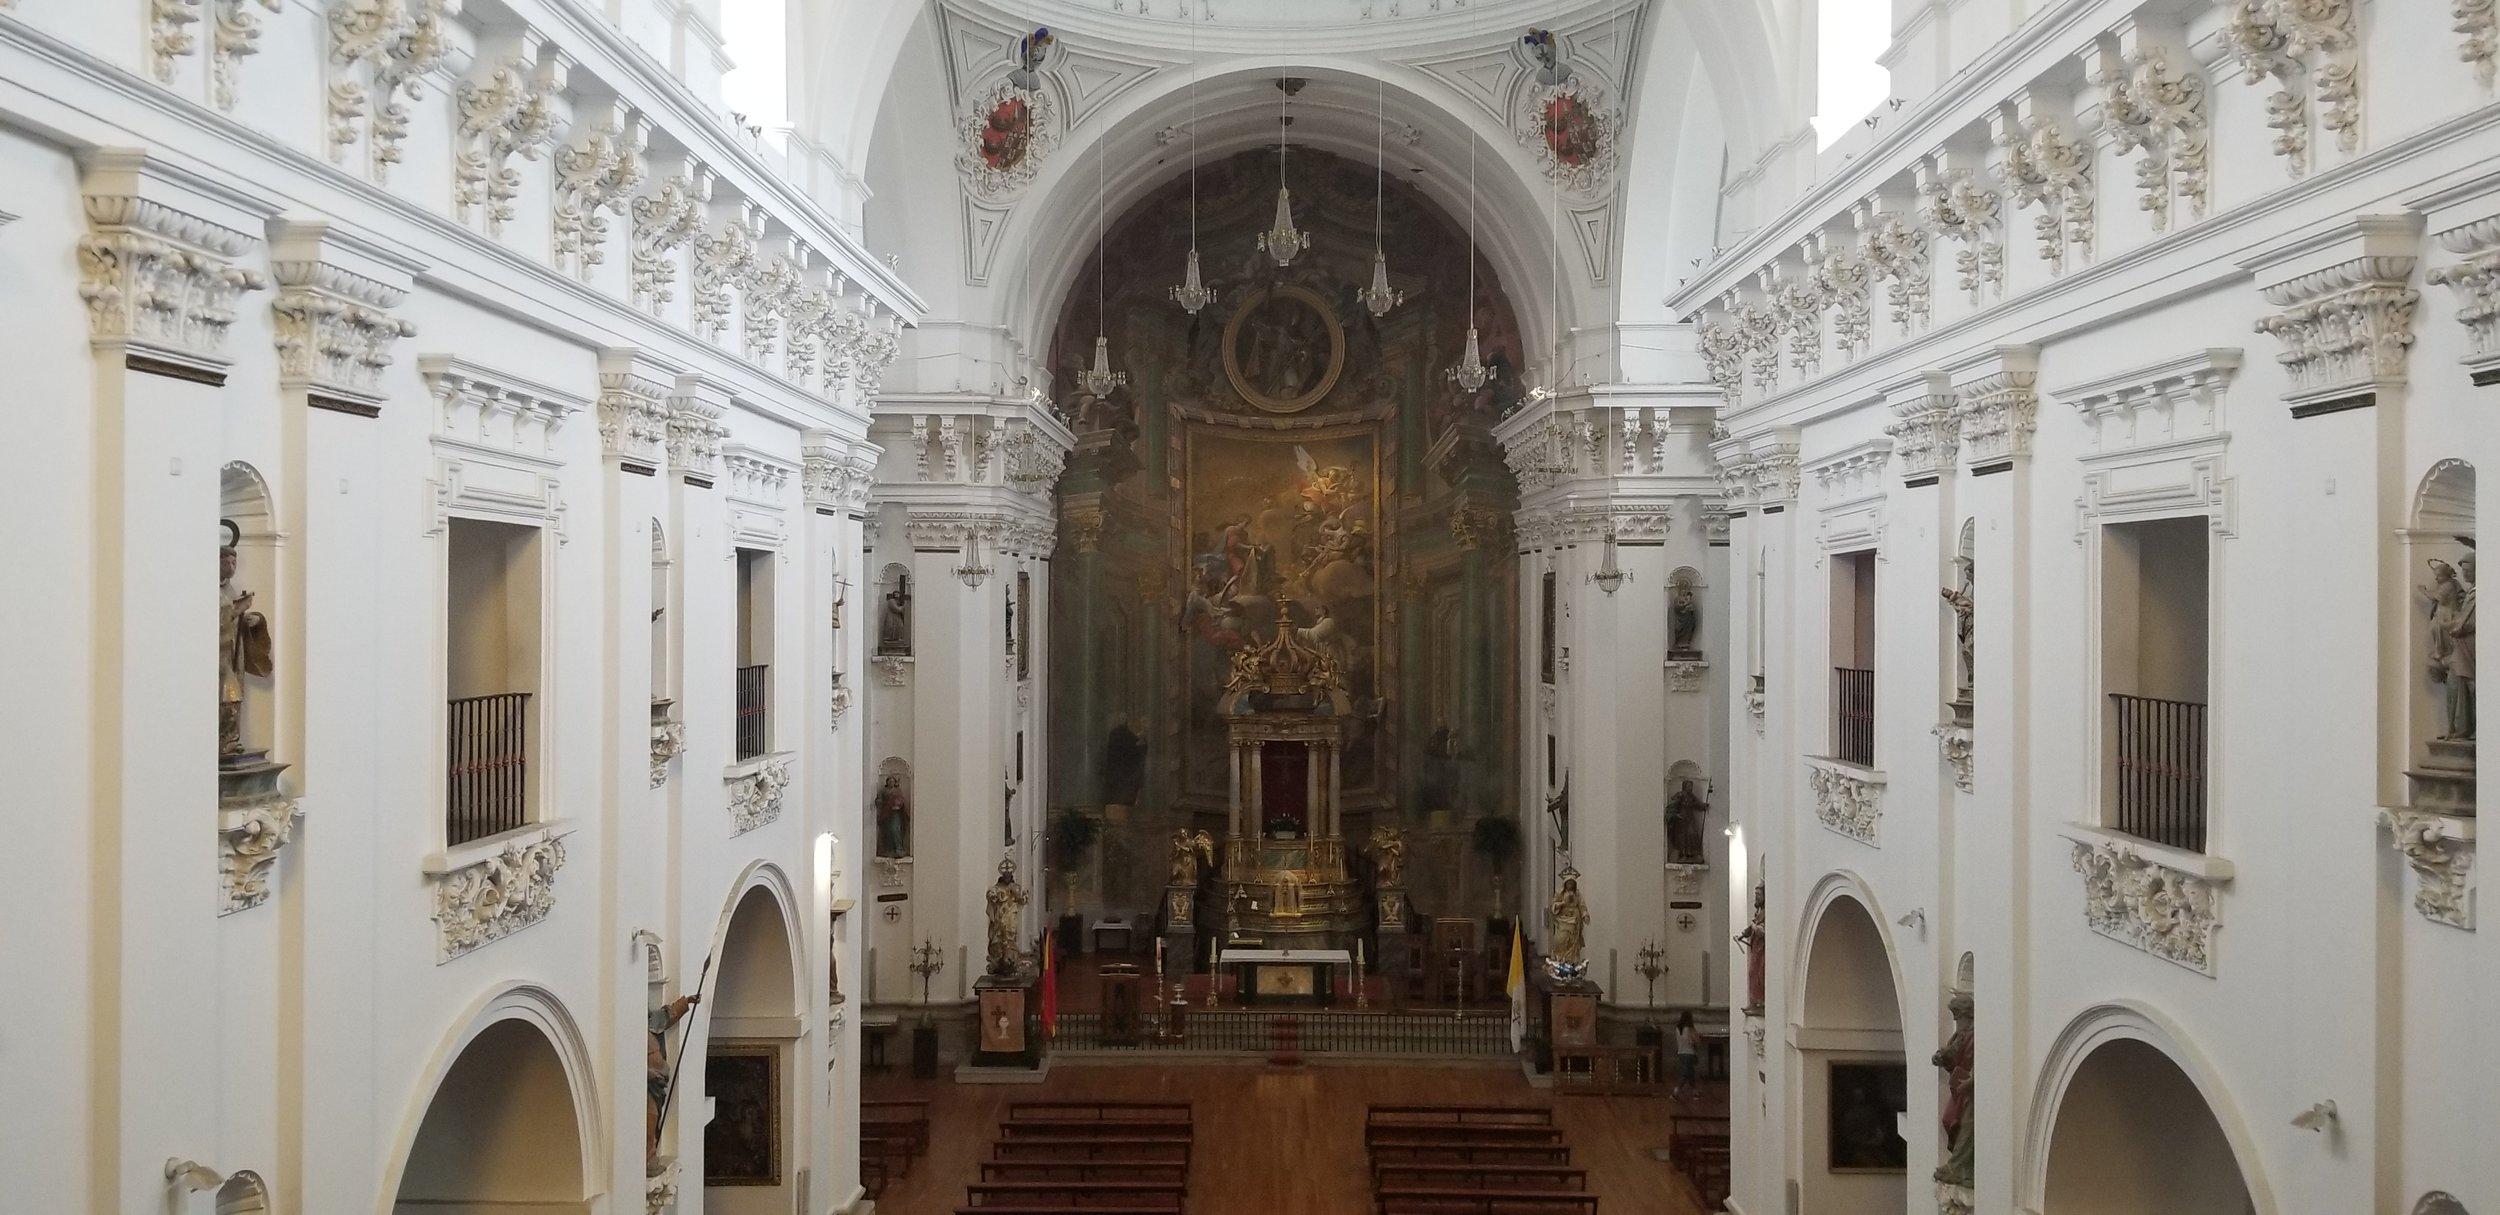 MonasteryShot.jpg